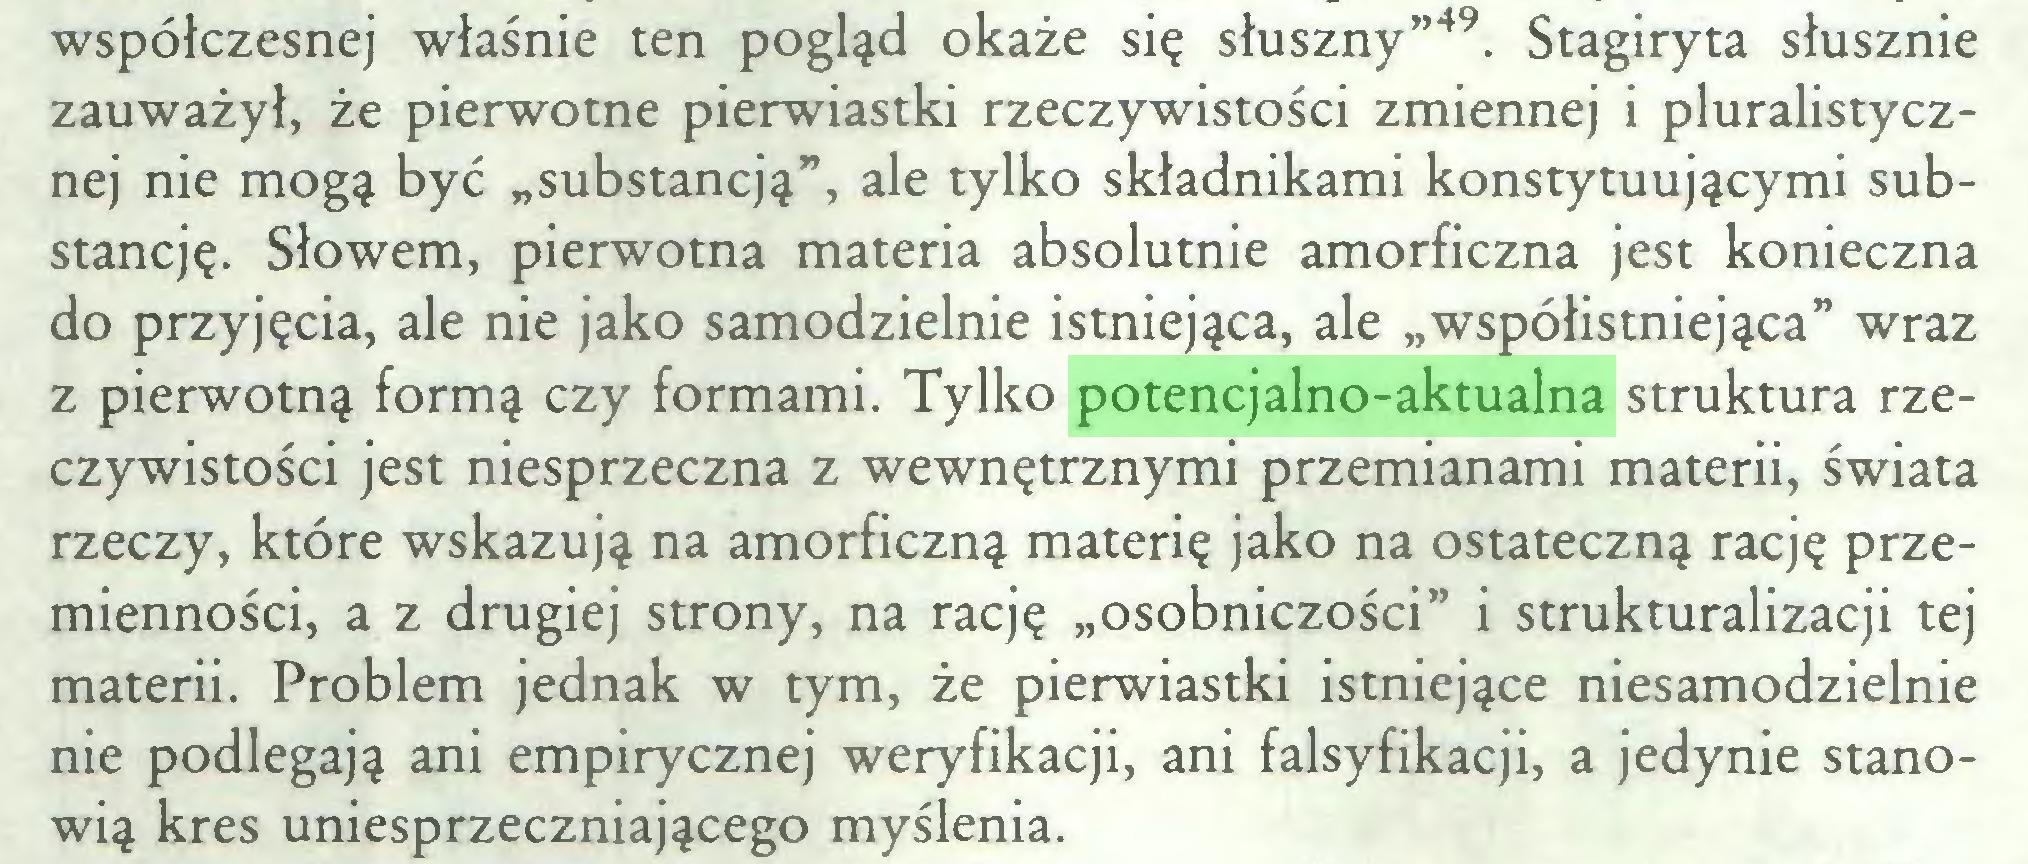 """(...) współczesnej właśnie ten pogląd okaże się słuszny""""49. Stagiryta słusznie zauważył, że pierwotne pierwiastki rzeczywistości zmiennej i pluralistycznej nie mogą być """"substancją"""", ale tylko składnikami konstytuującymi substancję. Słowem, pierwotna materia absolutnie amorficzna jest konieczna do przyjęcia, ale nie jako samodzielnie istniejąca, ale """"współistniejąca"""" wraz z pierwotną formą czy formami. Tylko potencjalno-aktualna struktura rzeczywistości jest niesprzeczna z wewnętrznymi przemianami materii, świata rzeczy, które wskazują na amorficzną materię jako na ostateczną rację przemienności, a z drugiej strony, na rację """"osobniczości"""" i strukturalizacji tej materii. Problem jednak w tym, że pierwiastki istniejące niesamodzielnie nie podlegają ani empirycznej weryfikacji, ani falsyfikacji, a jedynie stanowią kres uniesprzeczniającego myślenia..."""